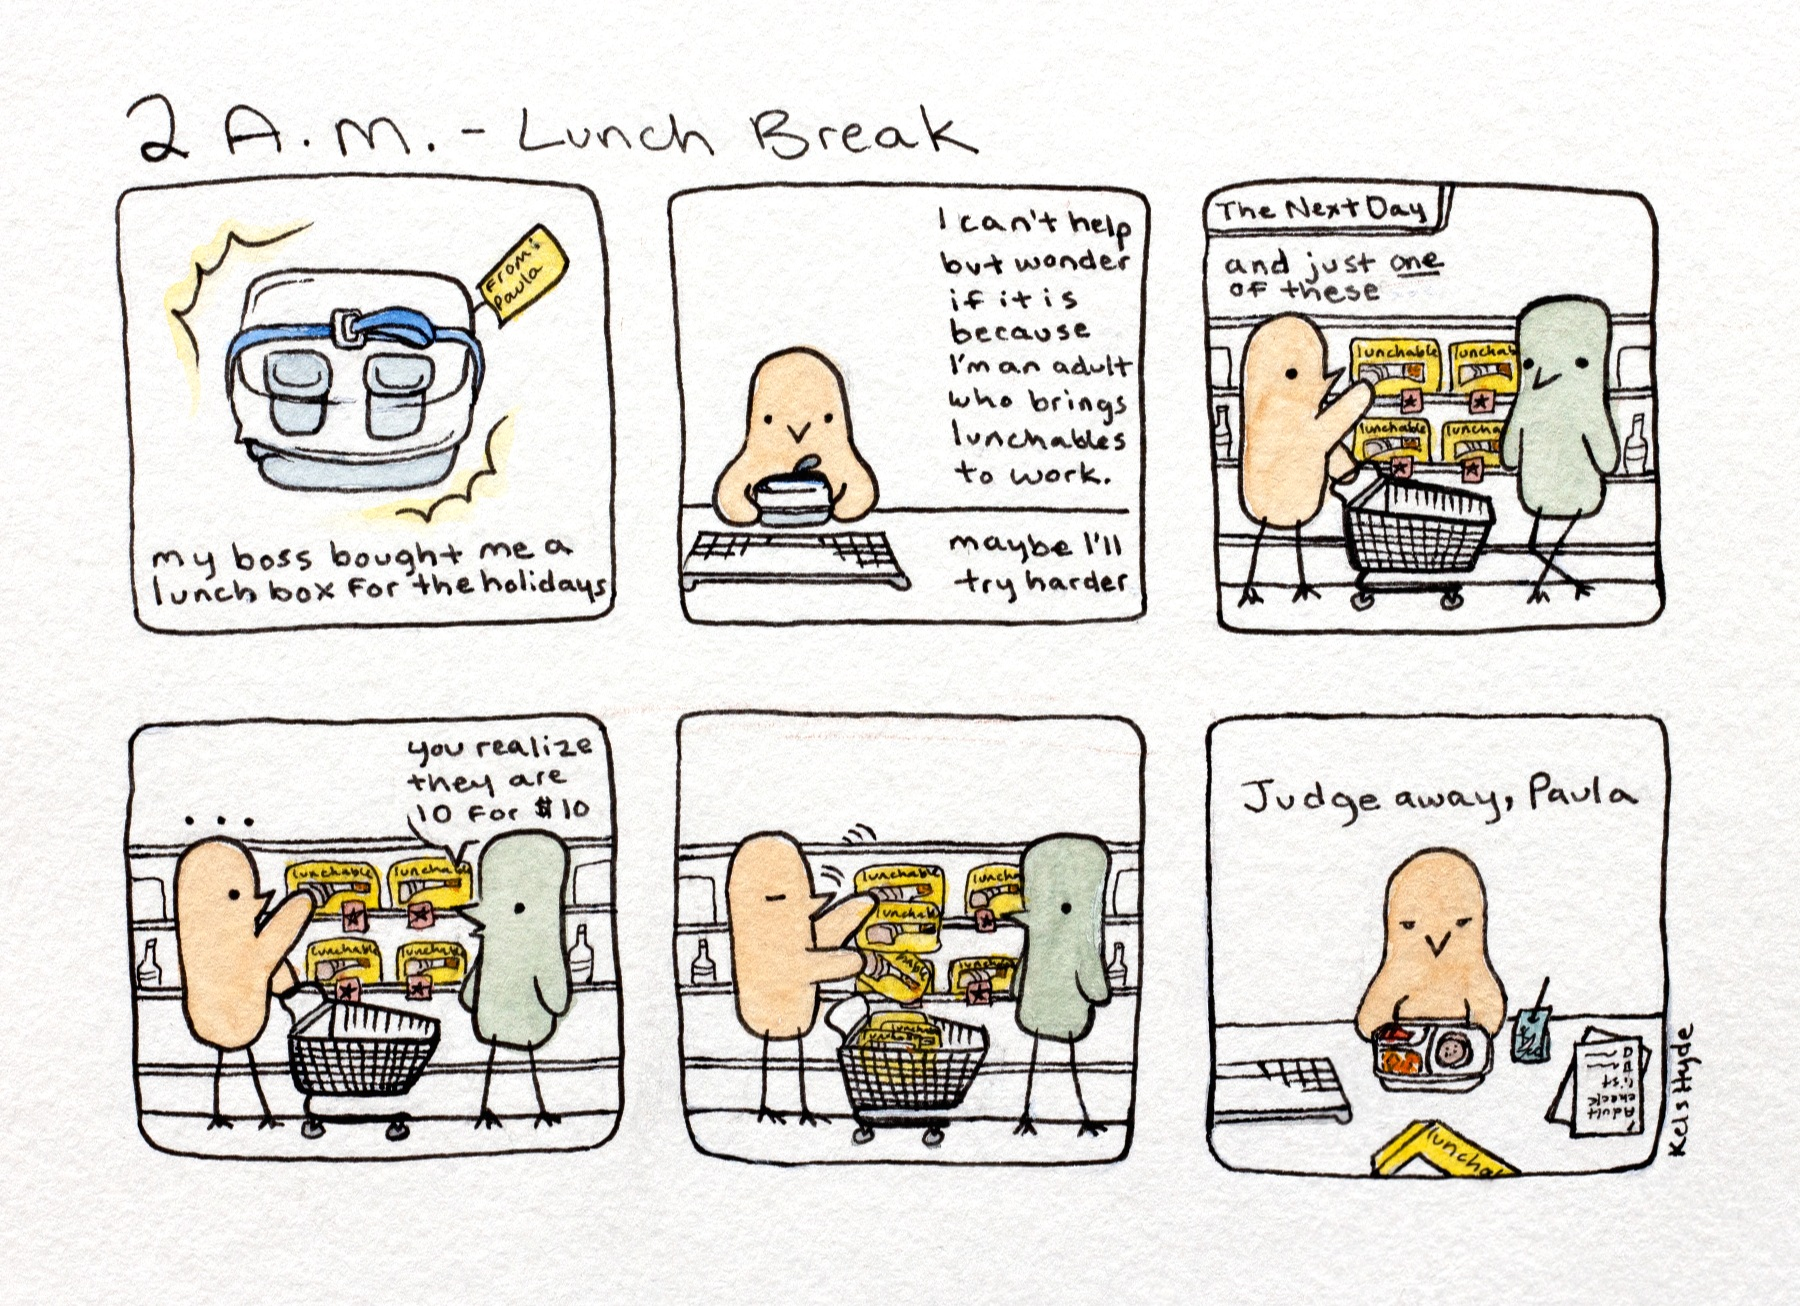 birb-lunch break.jpg